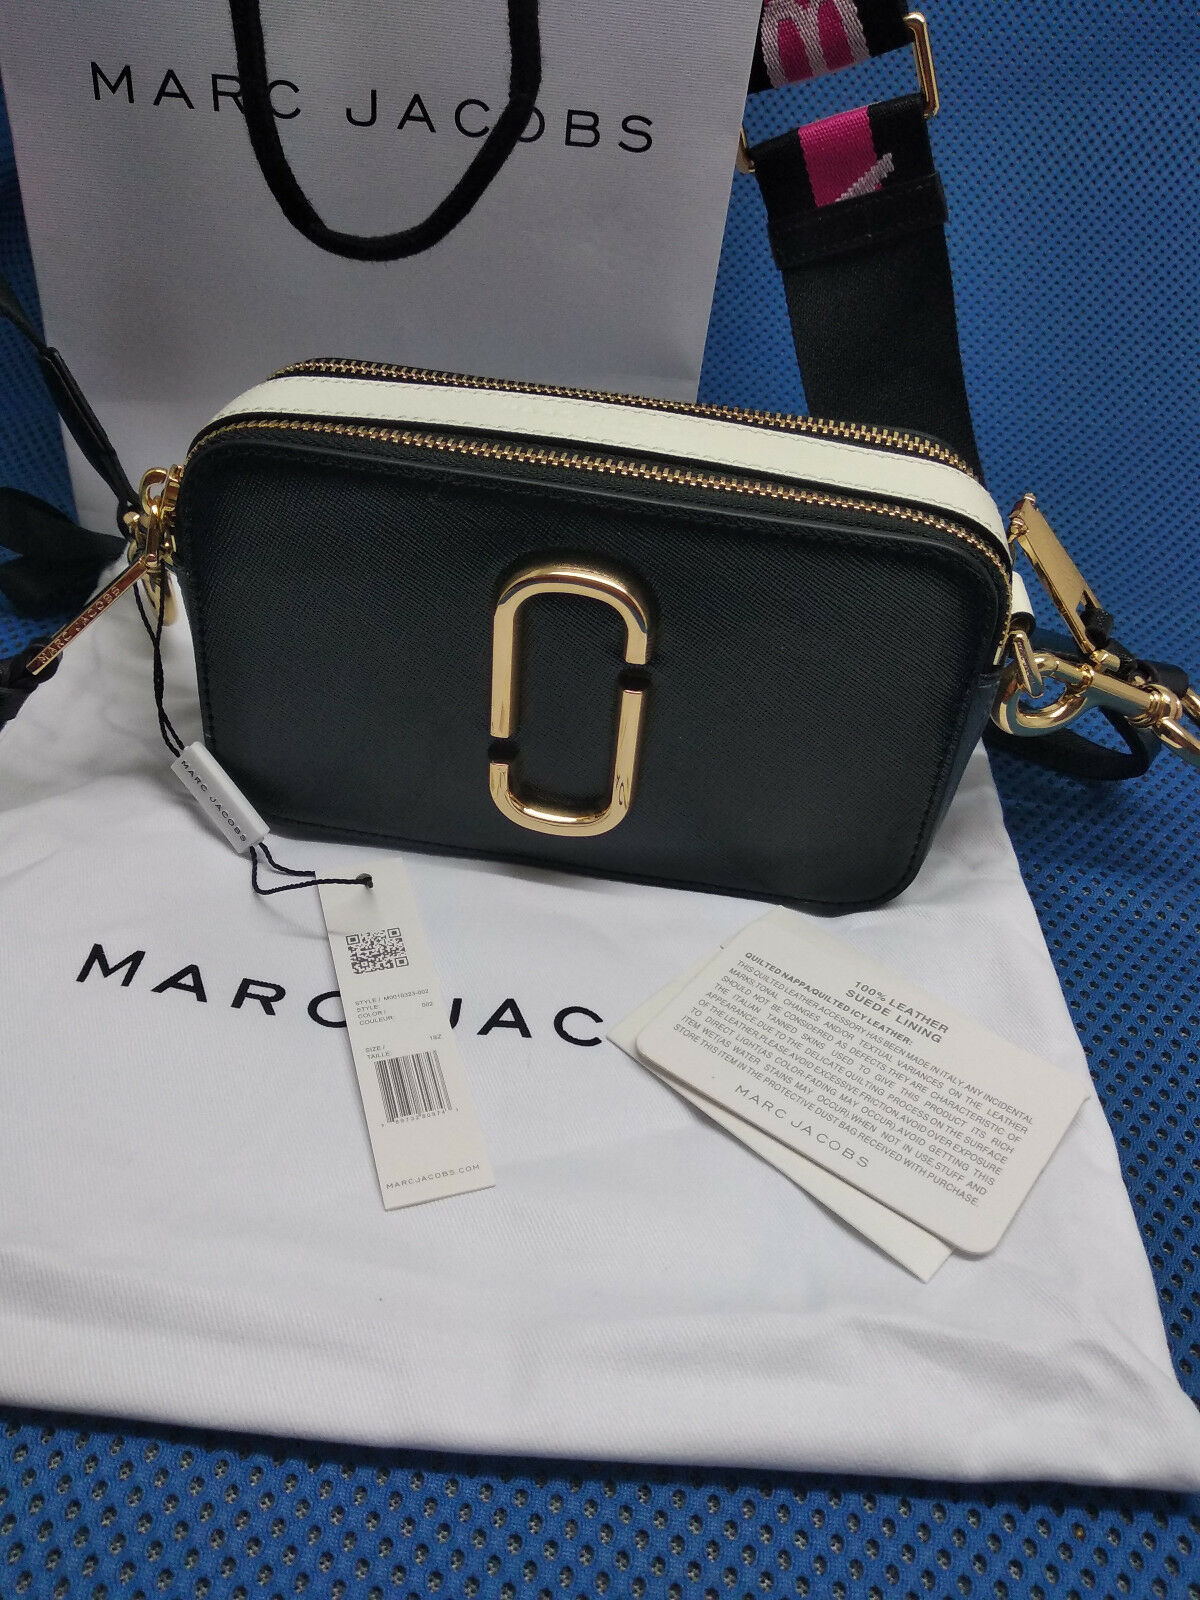 Damen Tasche Marc Jacobs Snapshot Small Camera Camera Camera - schwarz multi - Neu & Original       Qualität    Reichlich Und Pünktliche Lieferung    Outlet Store  fe2f7b